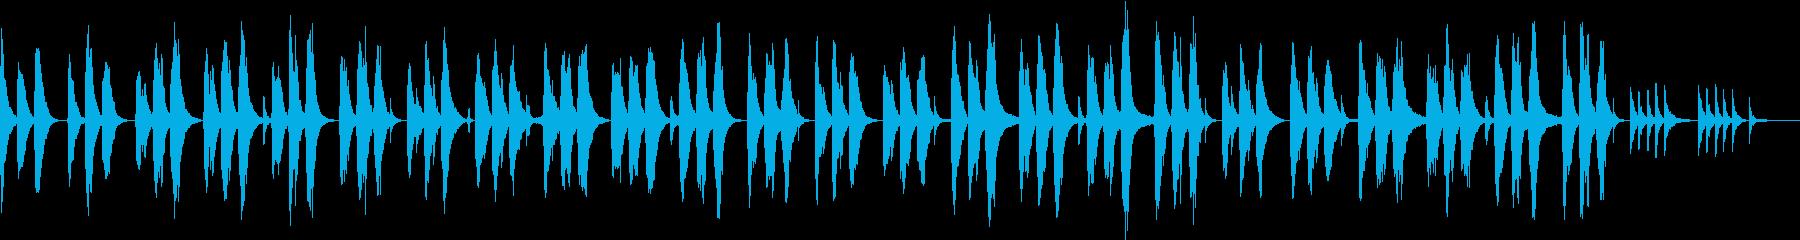 軽快なピアノのメロディで眠れる夜の再生済みの波形